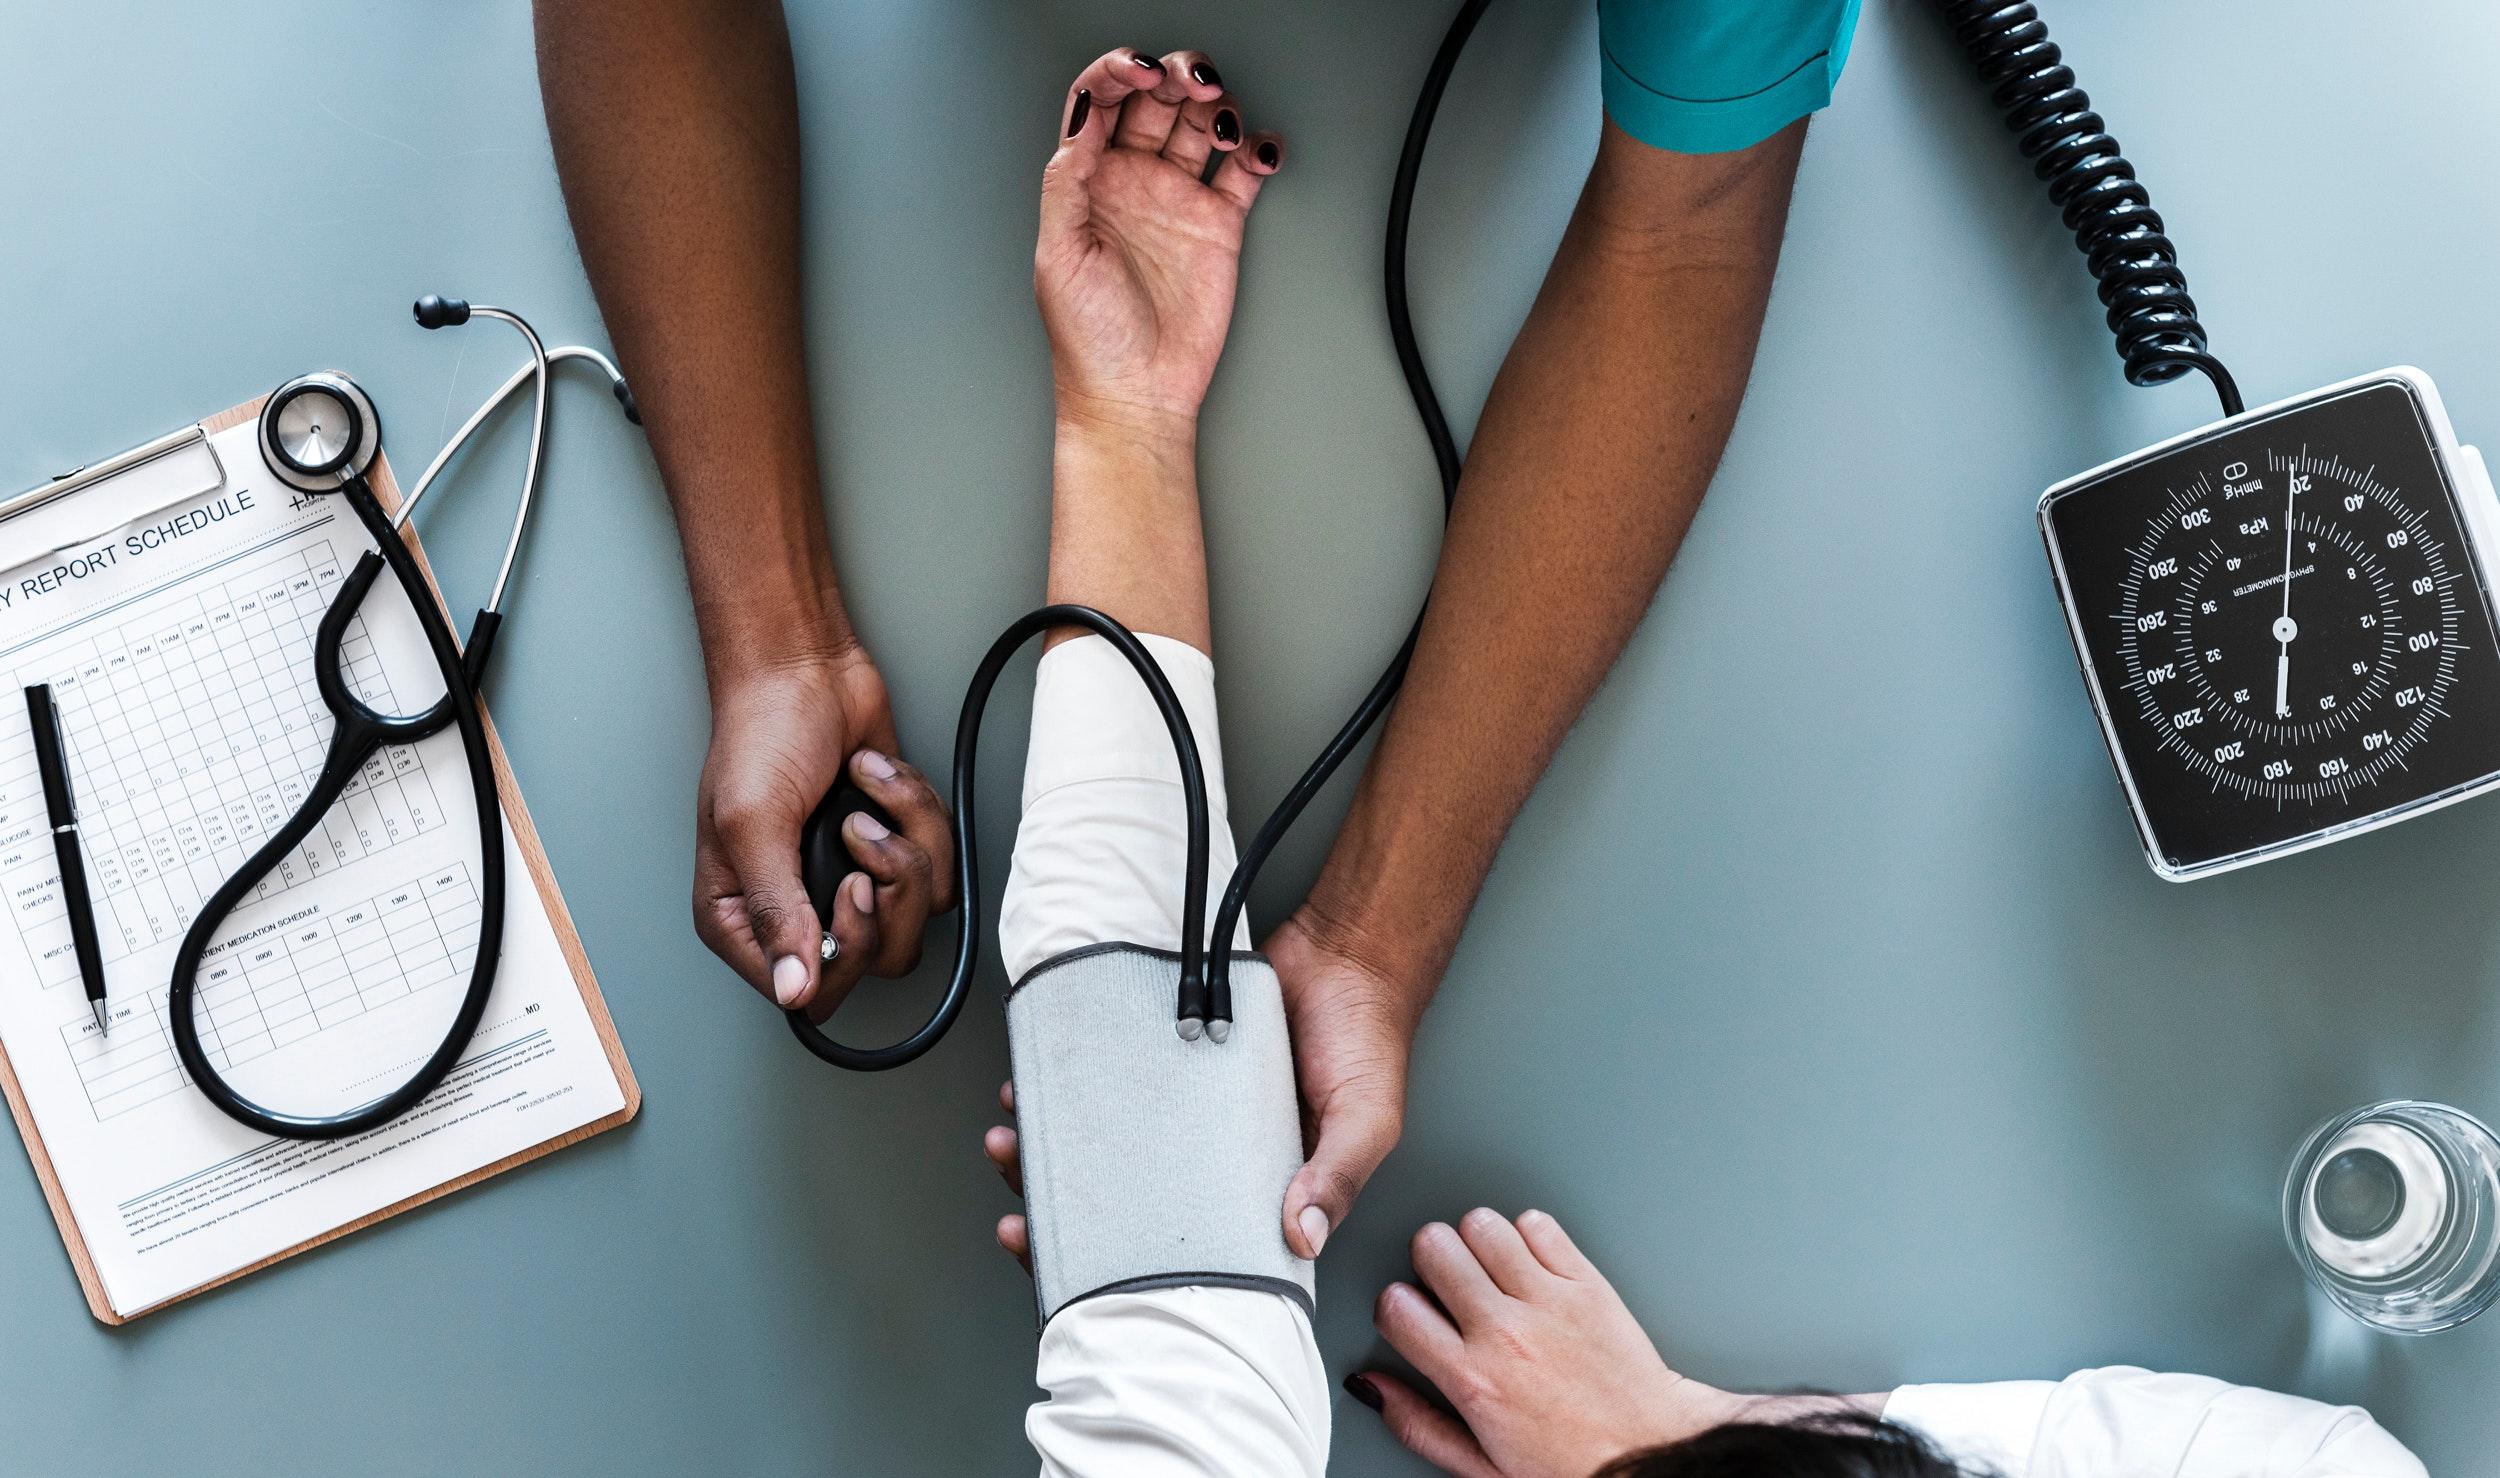 medico examinando a pressao arterial do paciente